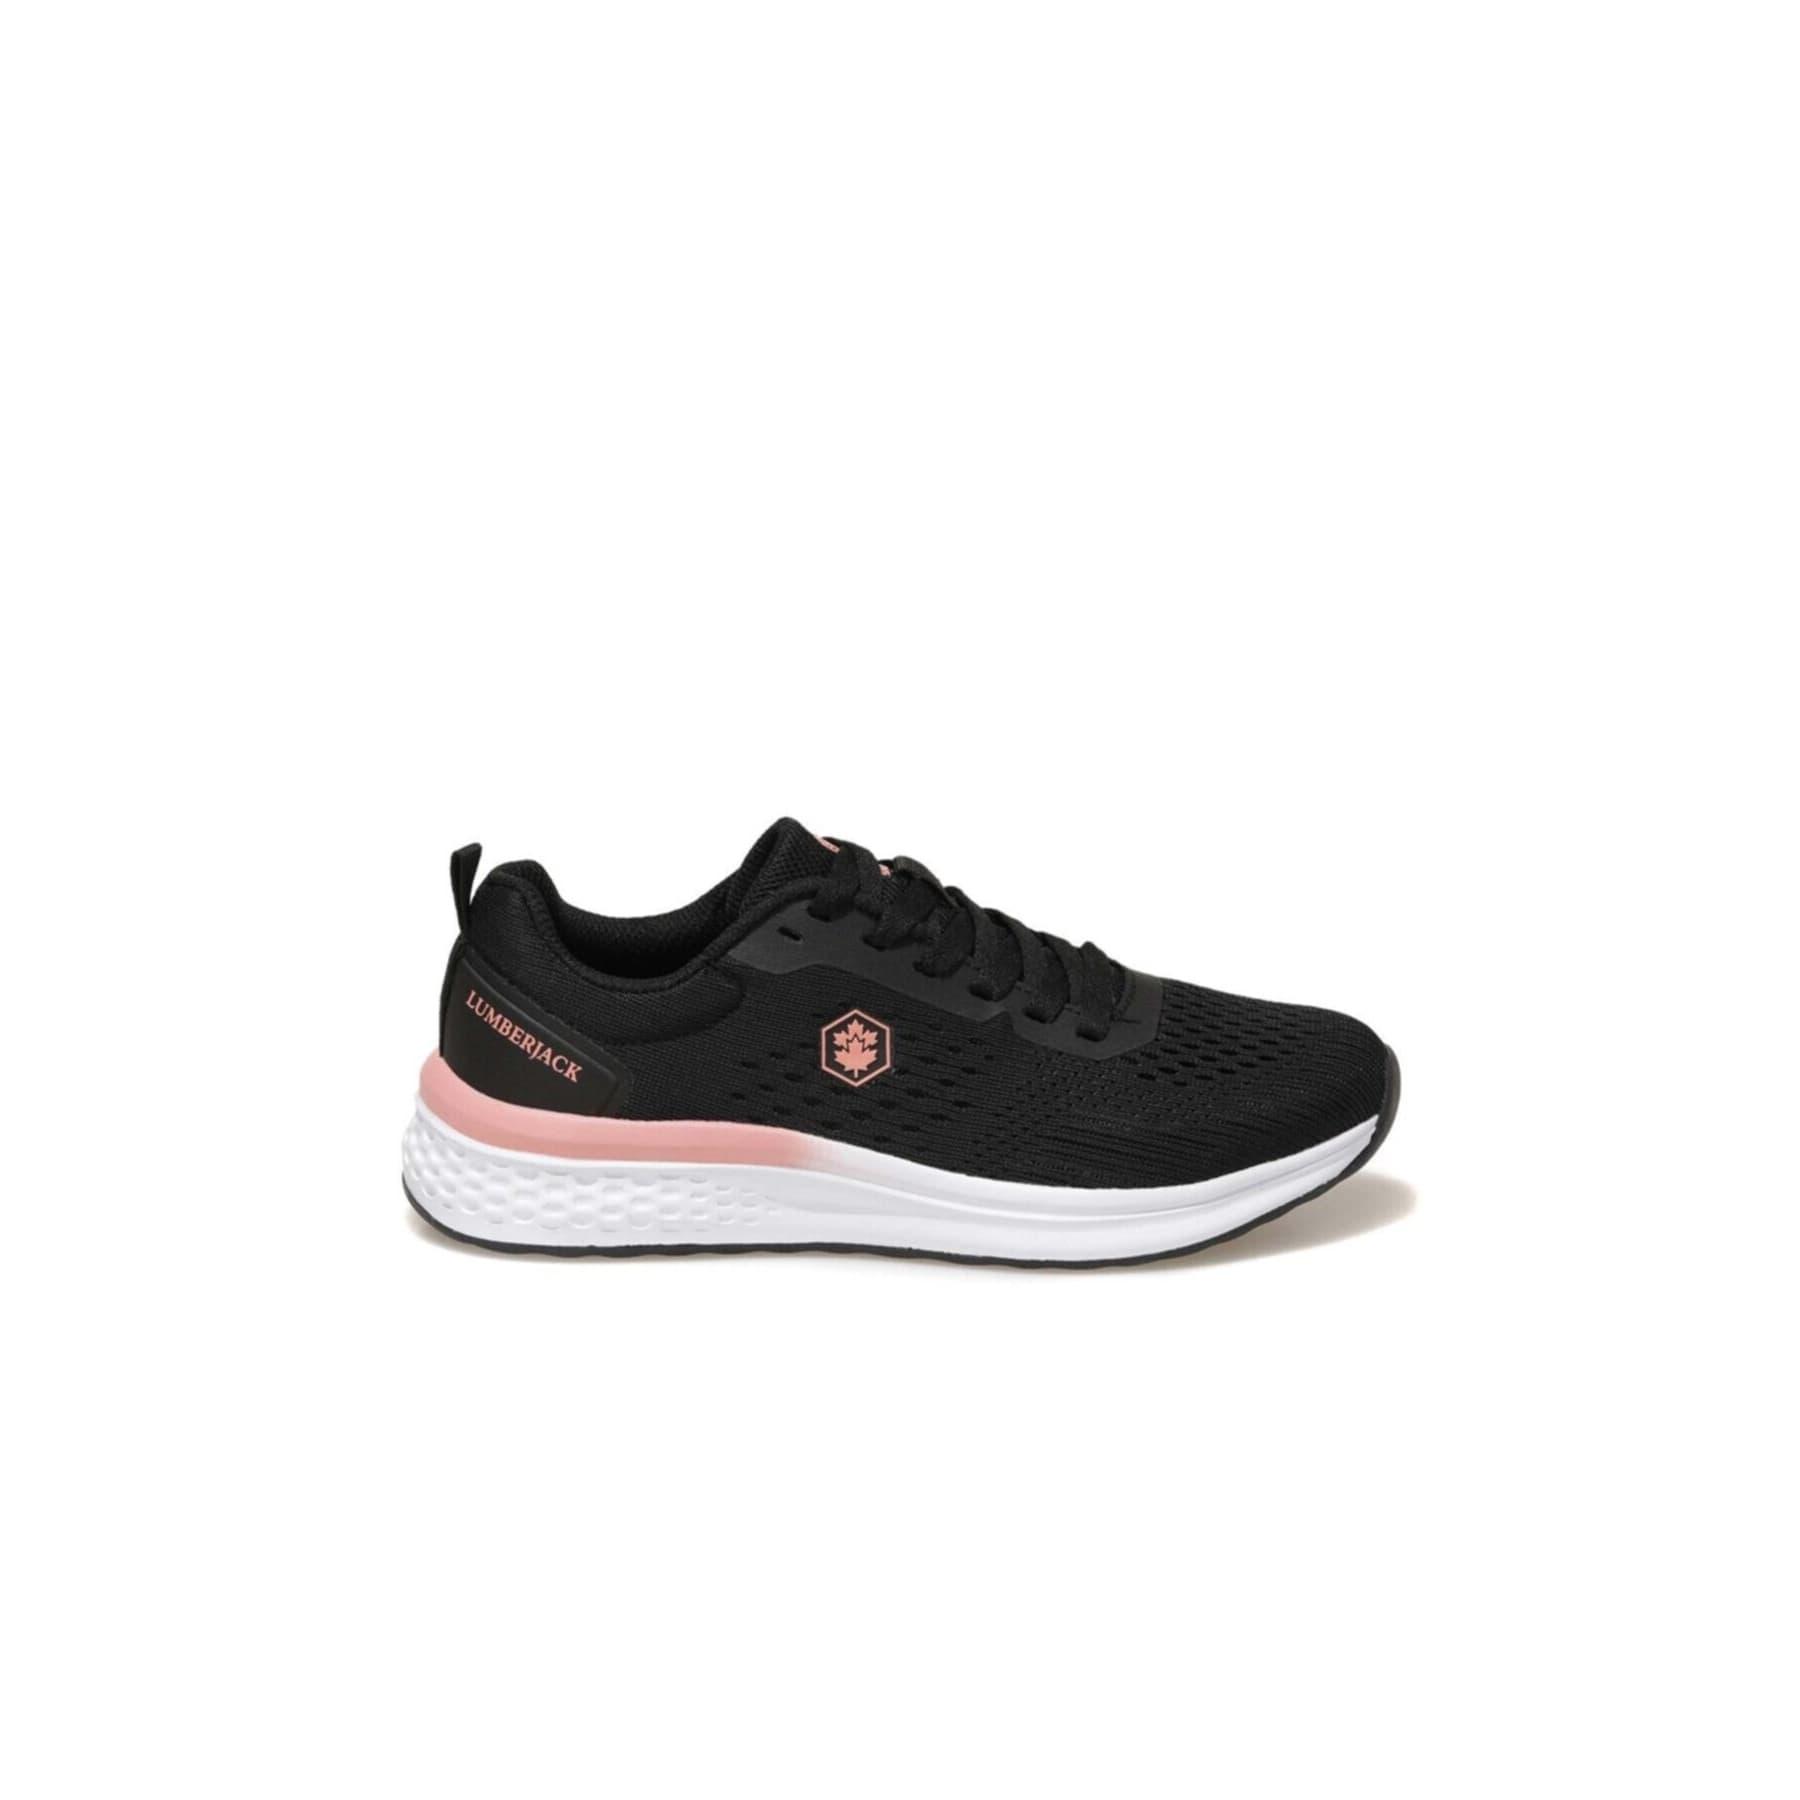 Ash Kadın Siyah Koşu Ayakkabısı (100587115)